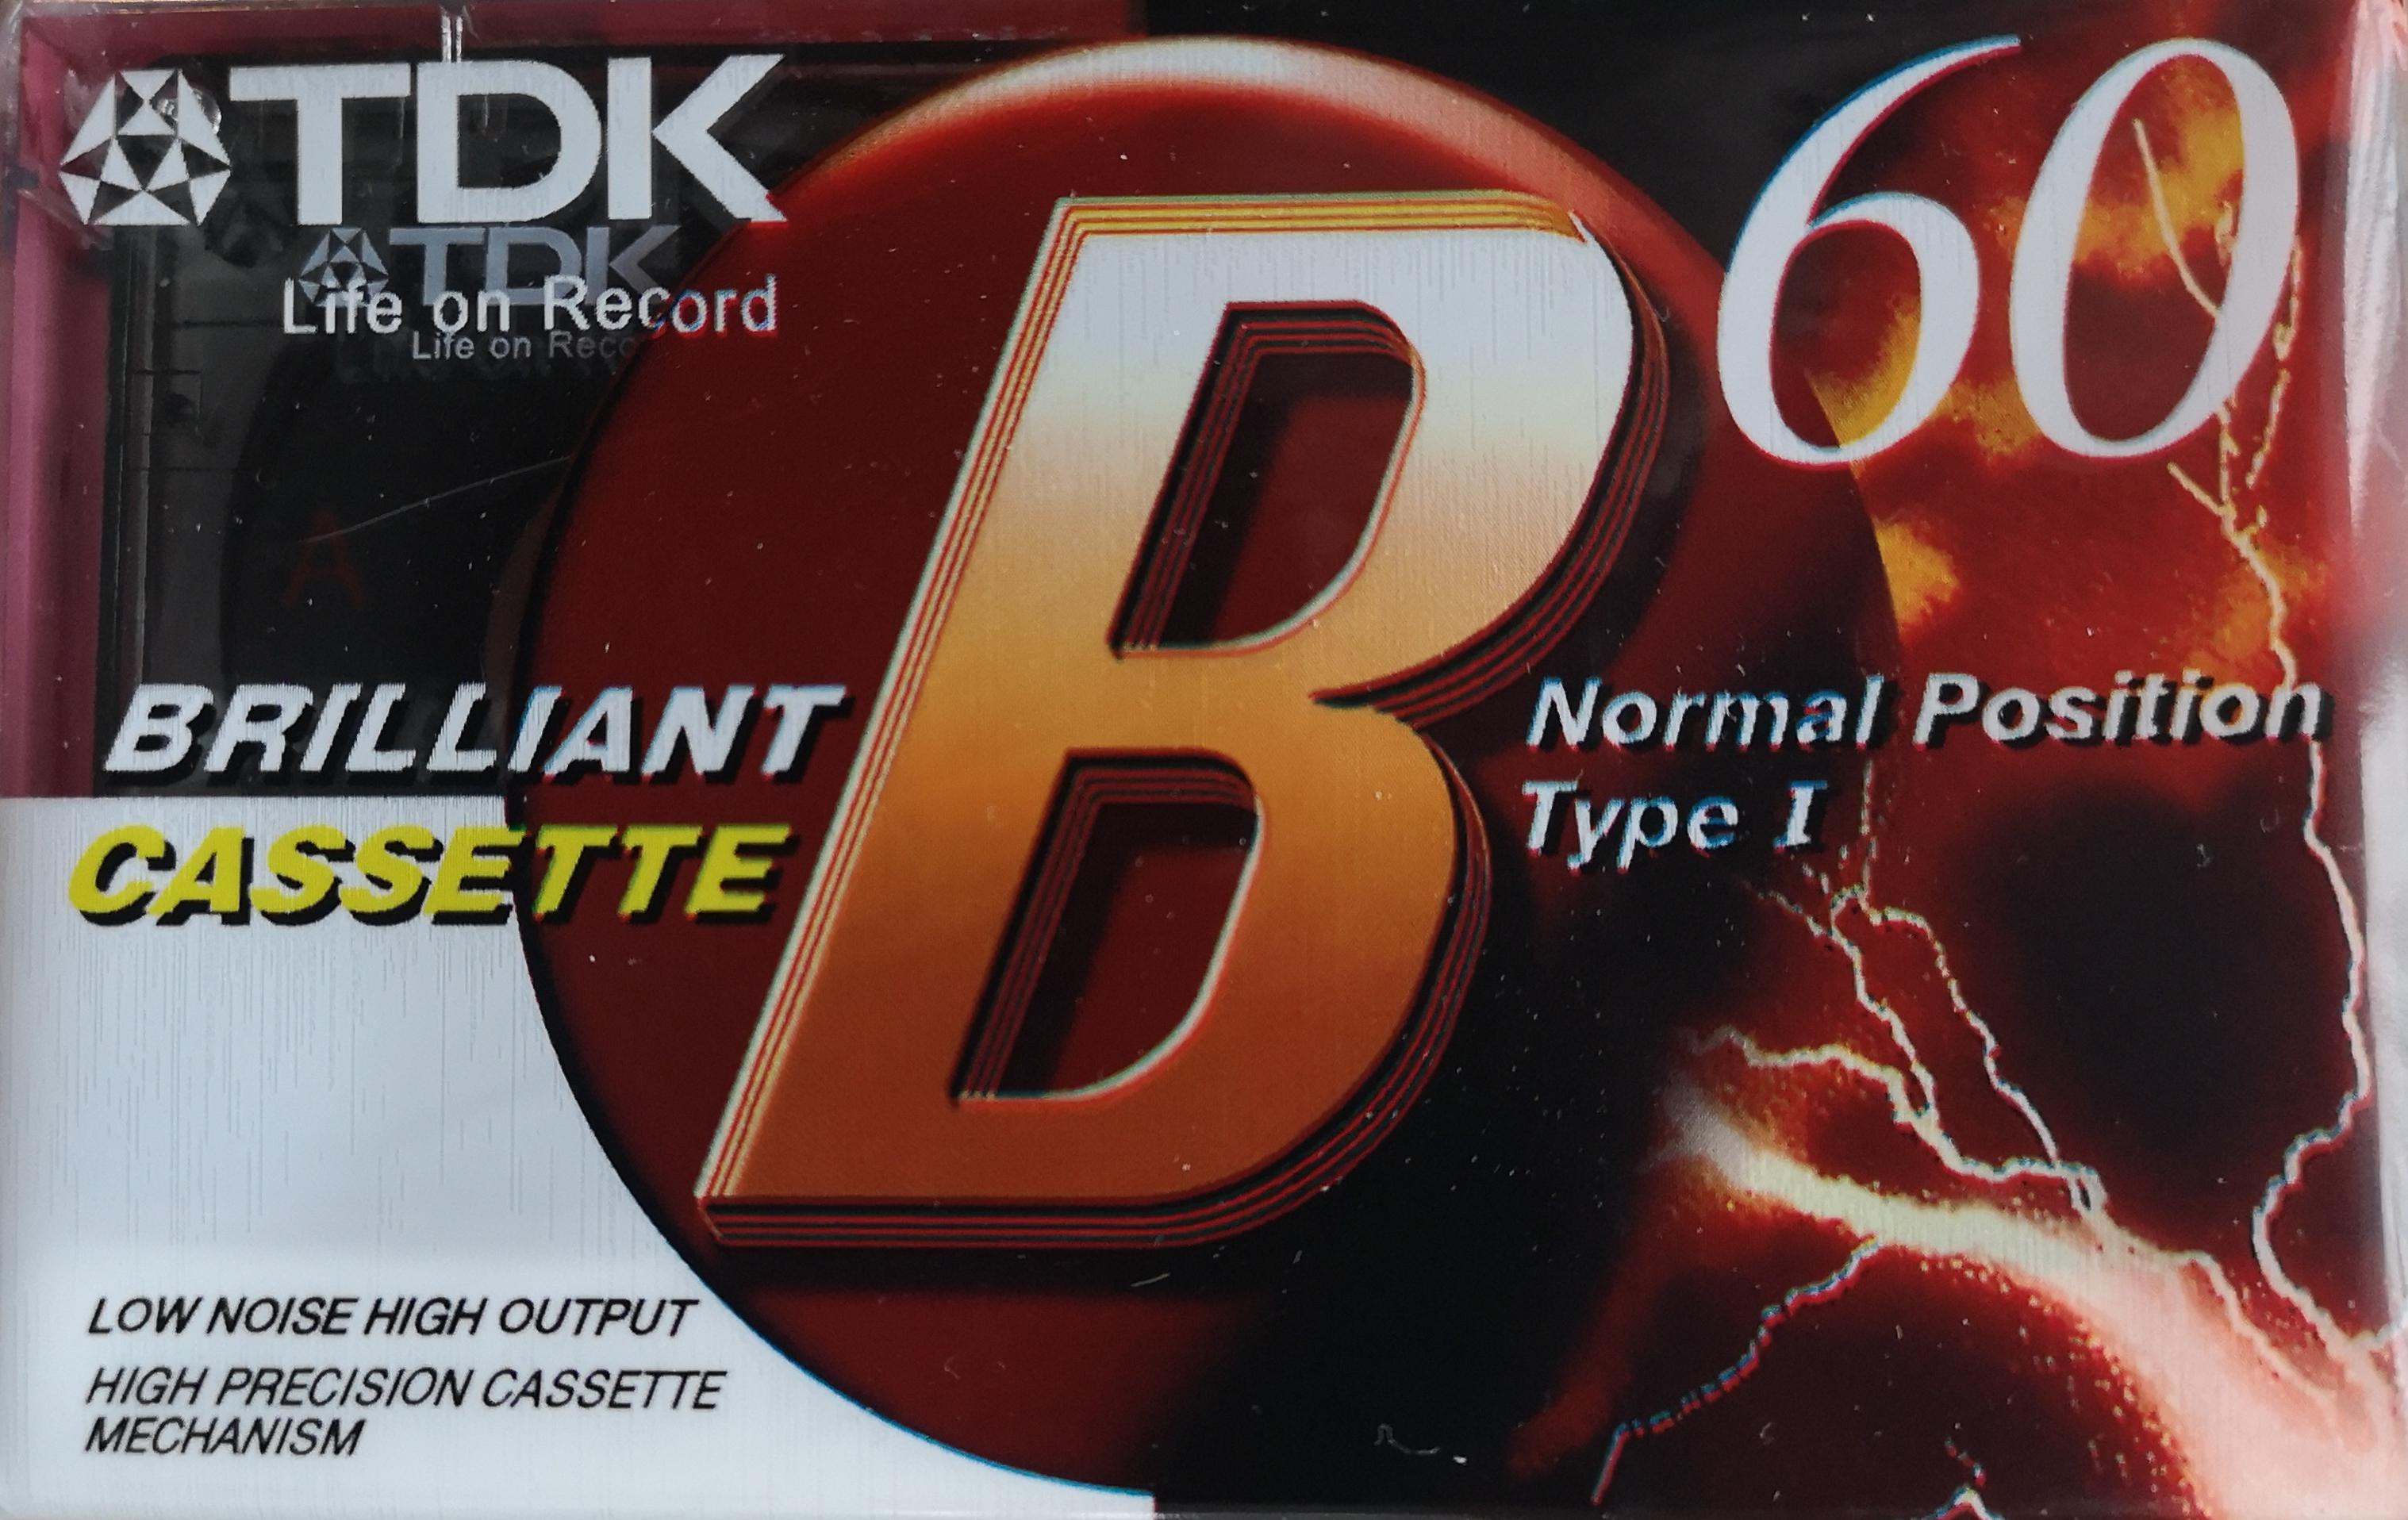 Magnetofónová kazeta TDK B60